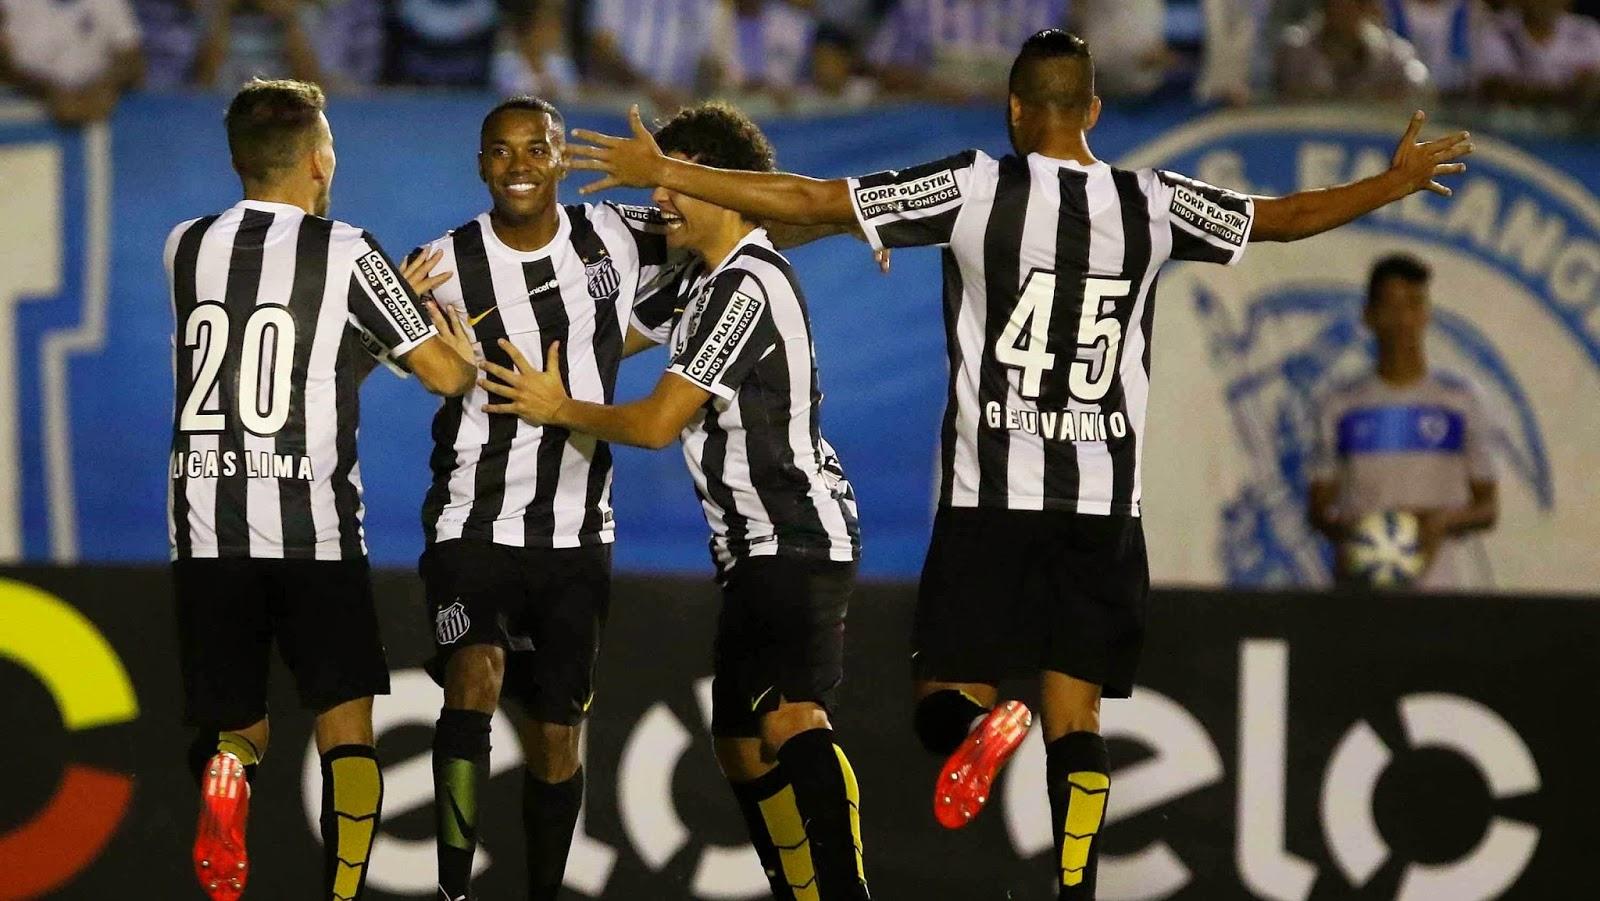 Resumo da semana do Santos Futebol Clube